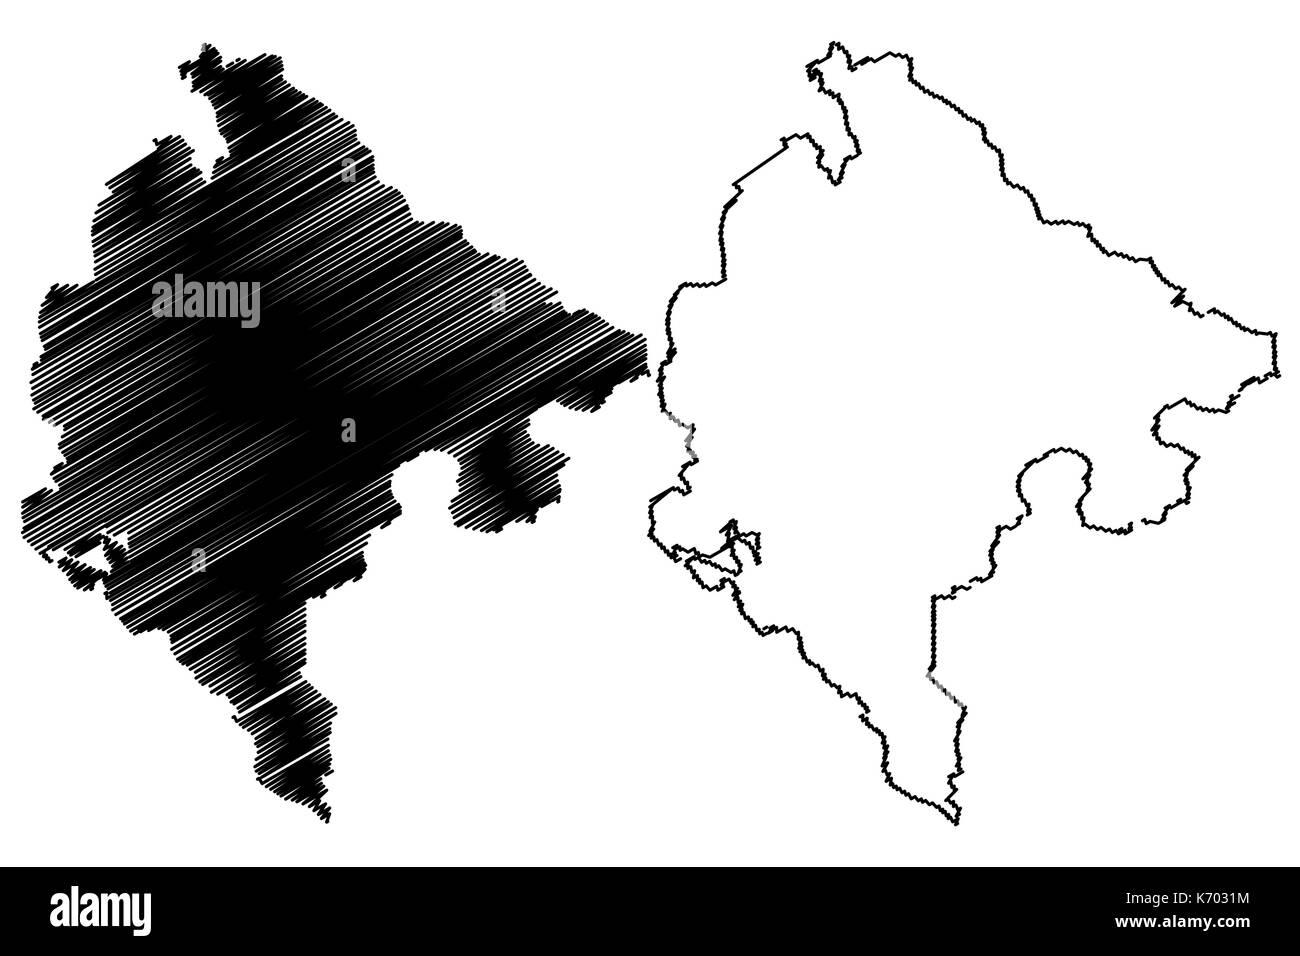 Montenegro map vector illustration, scribble sketch Montenegro - Stock Image